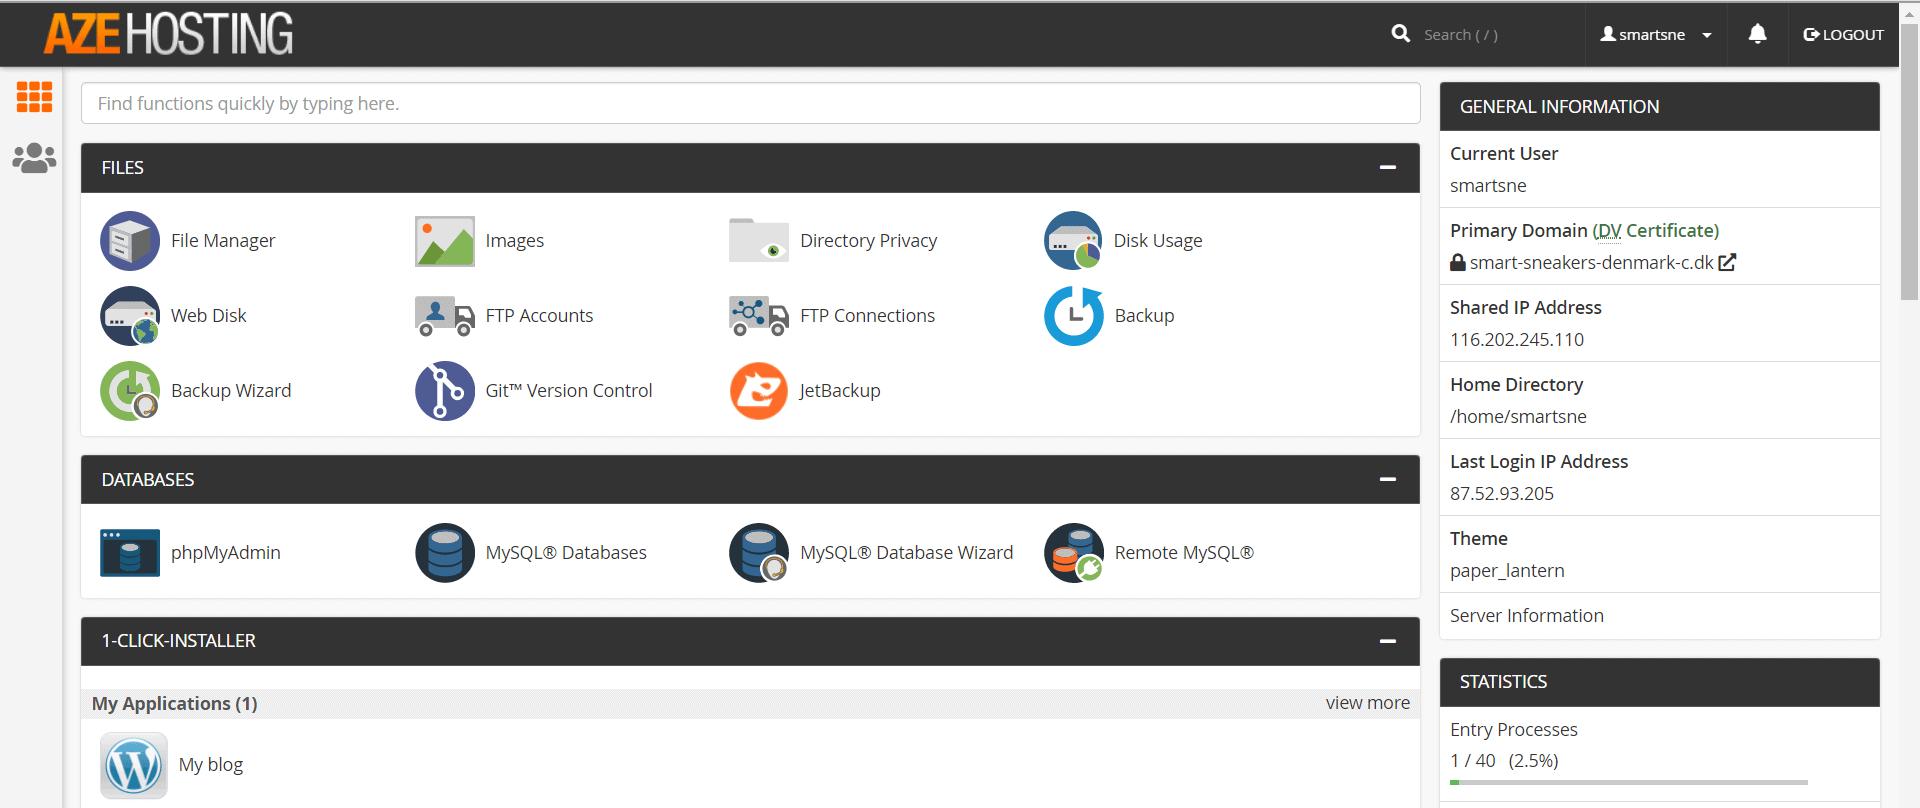 AzeHosting – Et væld af funktioner med cPanel